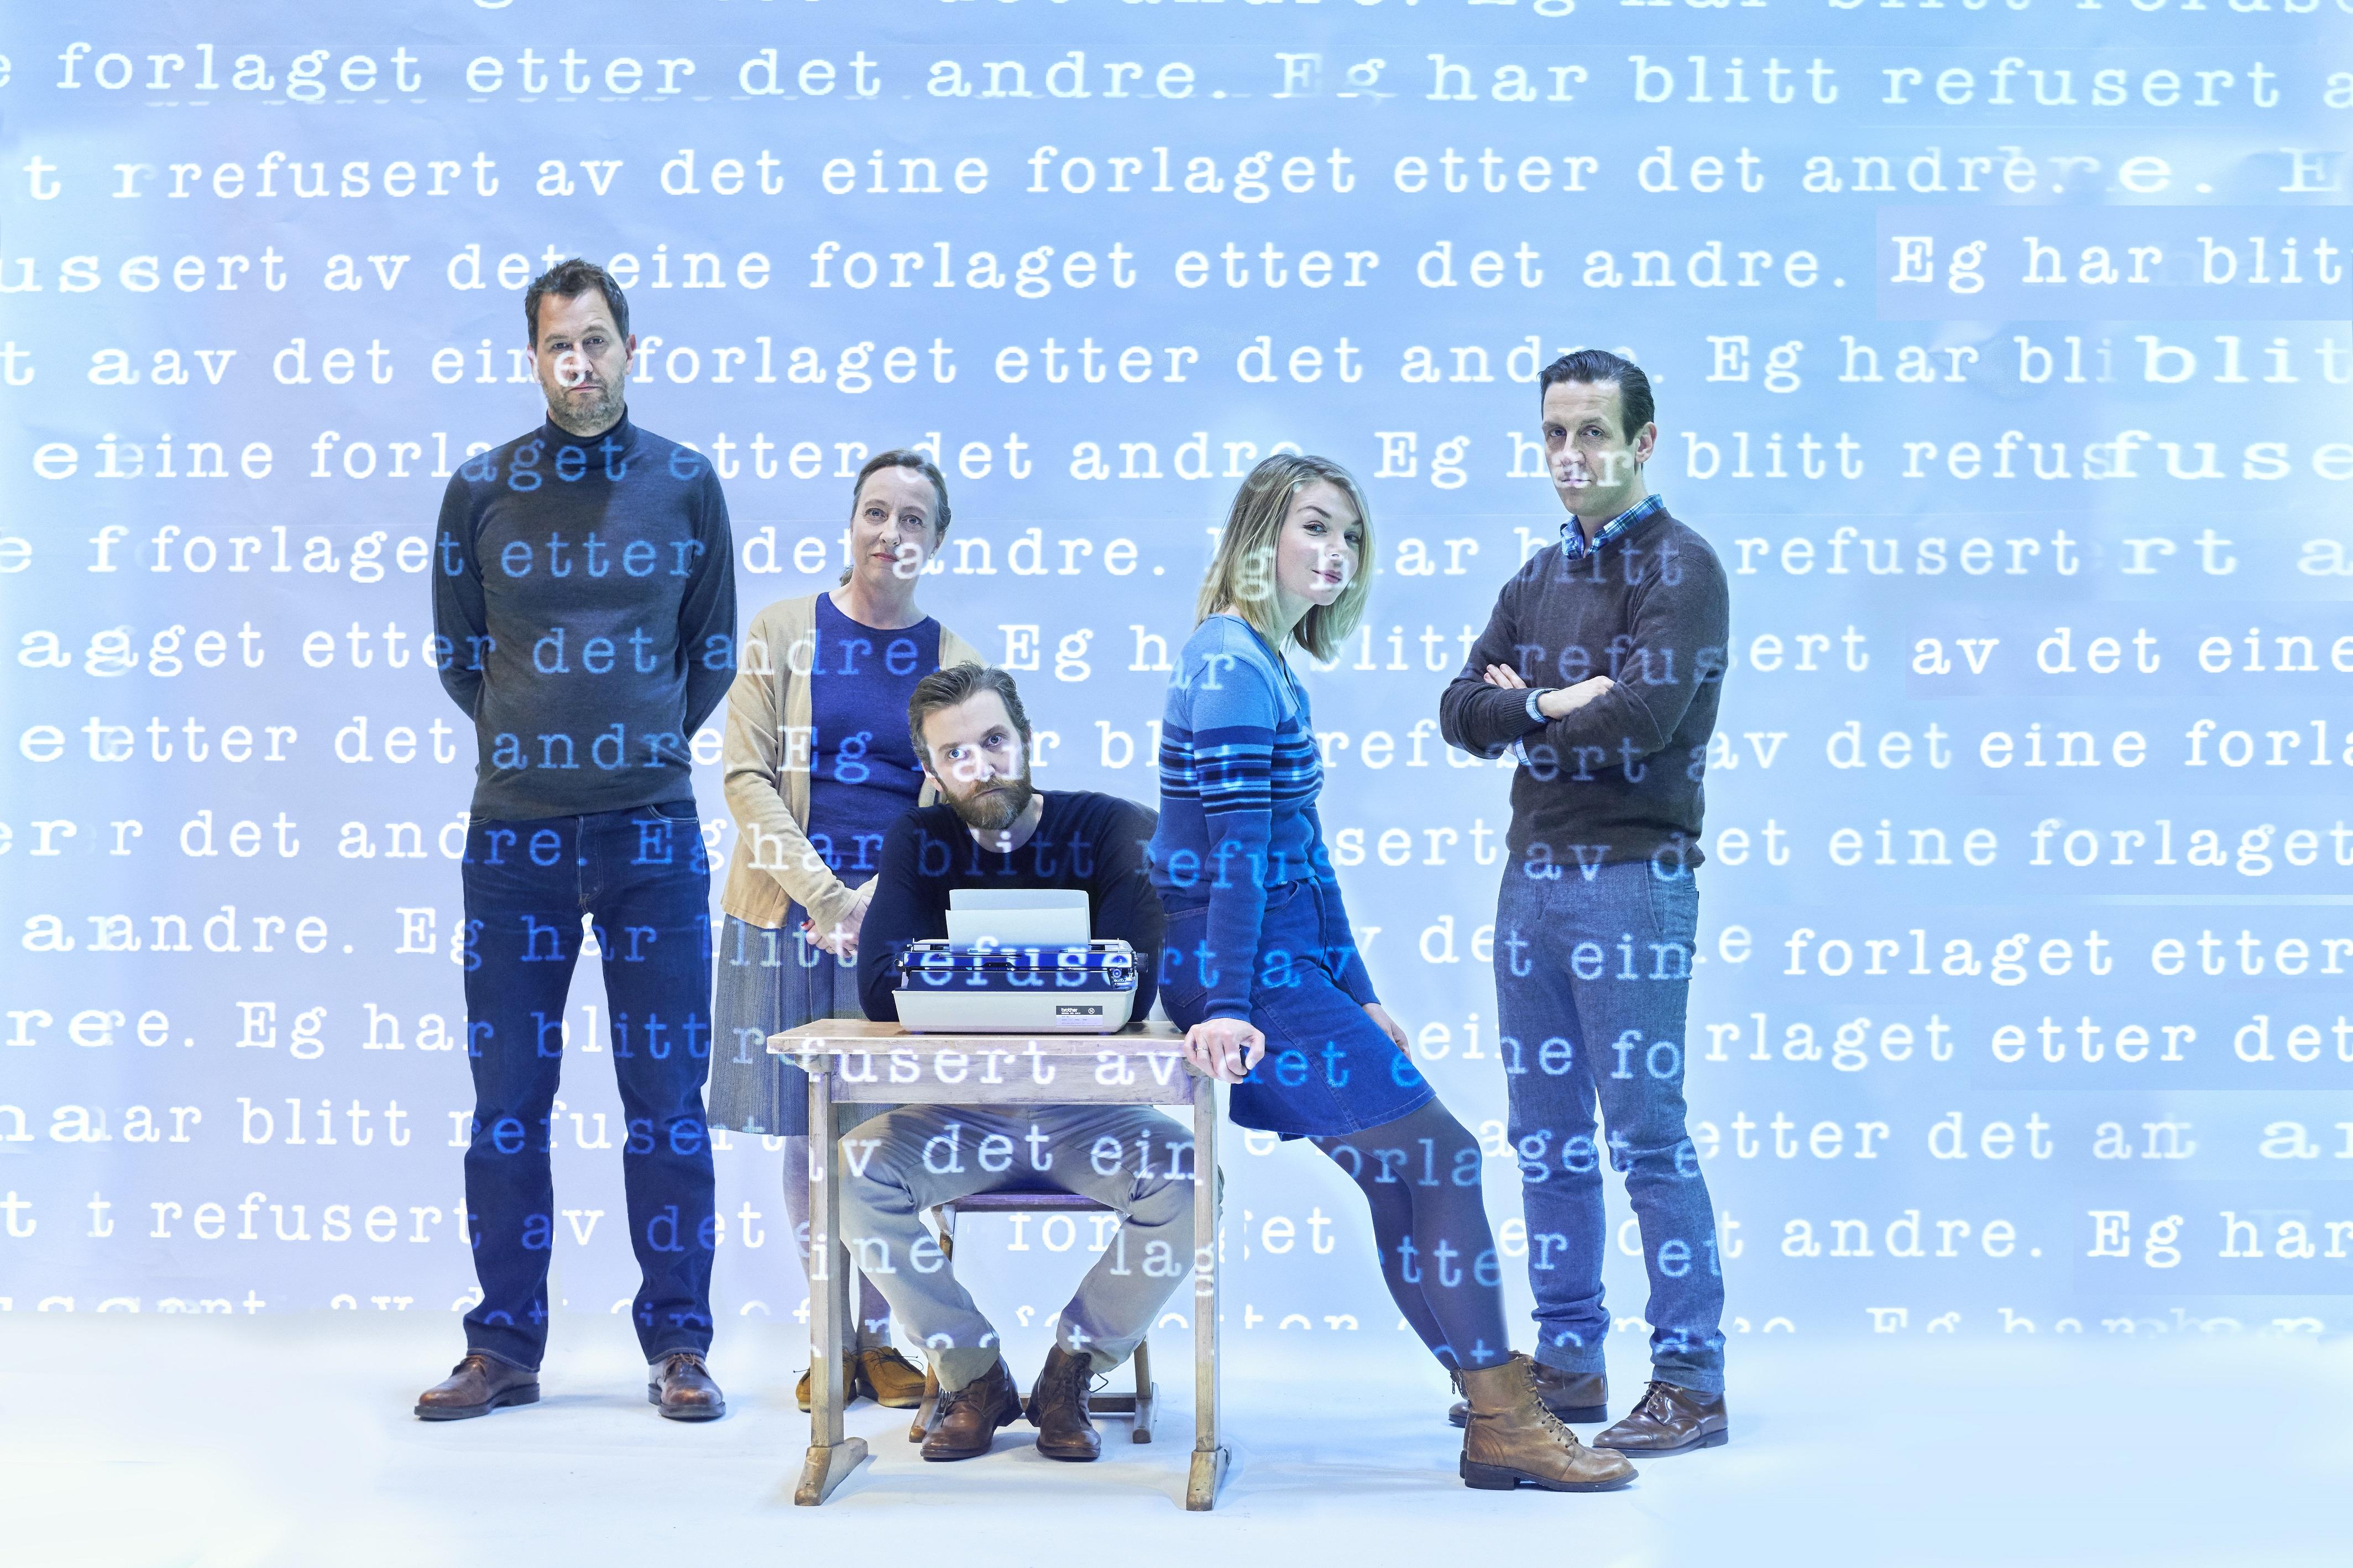 Fra venstre: Henrik Rafaelsen, Ågot Sendstad, Nils Golberg Mulvik, Marte Engebrigtsen og Ole Johan Skjelbred.